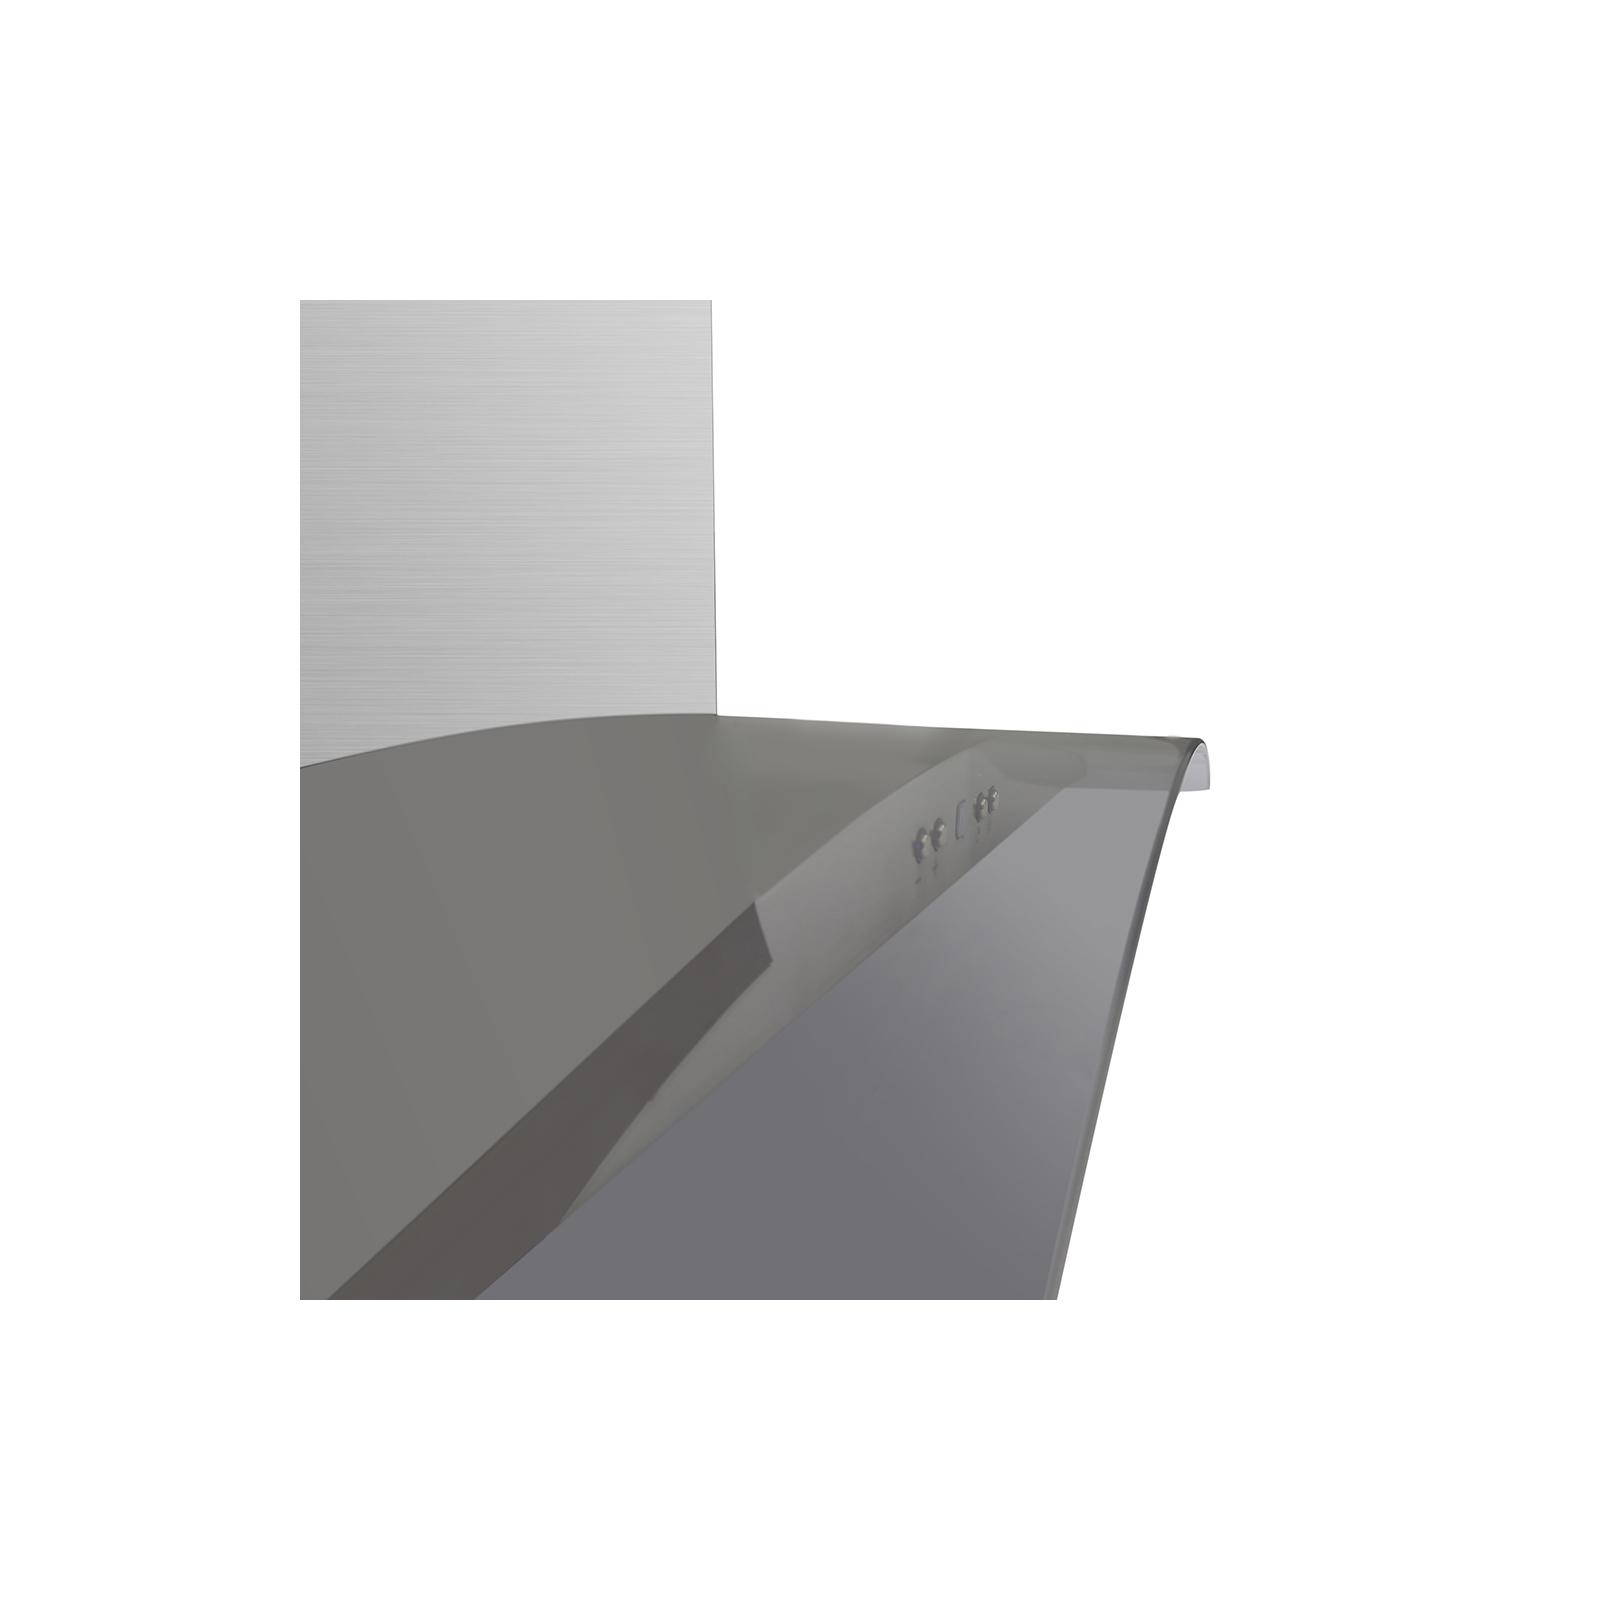 Вытяжка кухонная Perfelli G 9841 I изображение 5